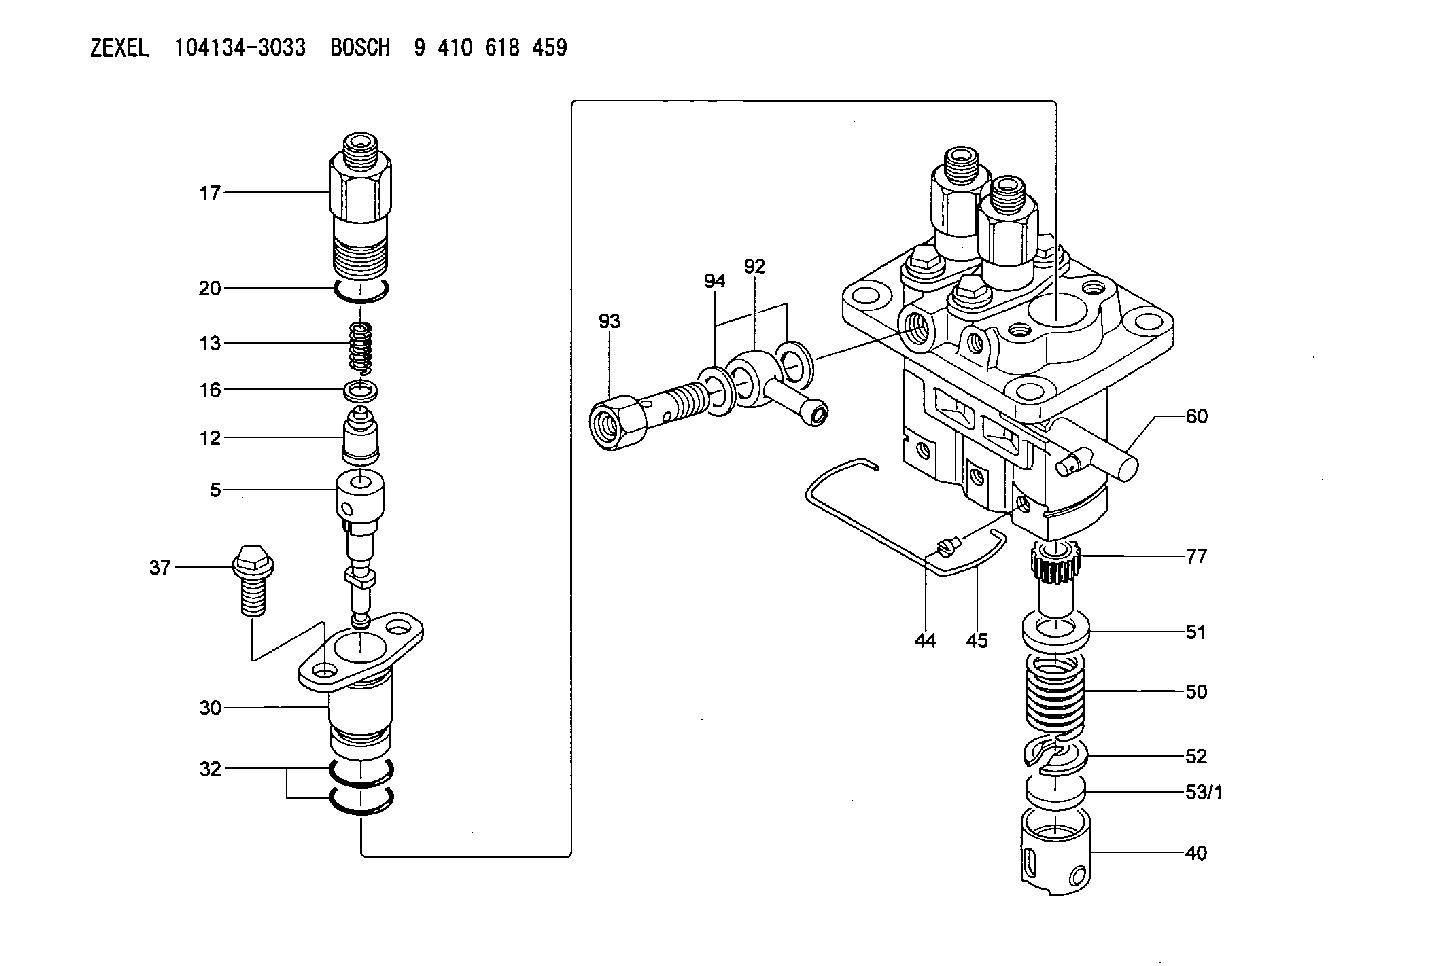 Buy 104134 3033 Zexel 9 410 618 459 Bosch Fuel Injection Pump